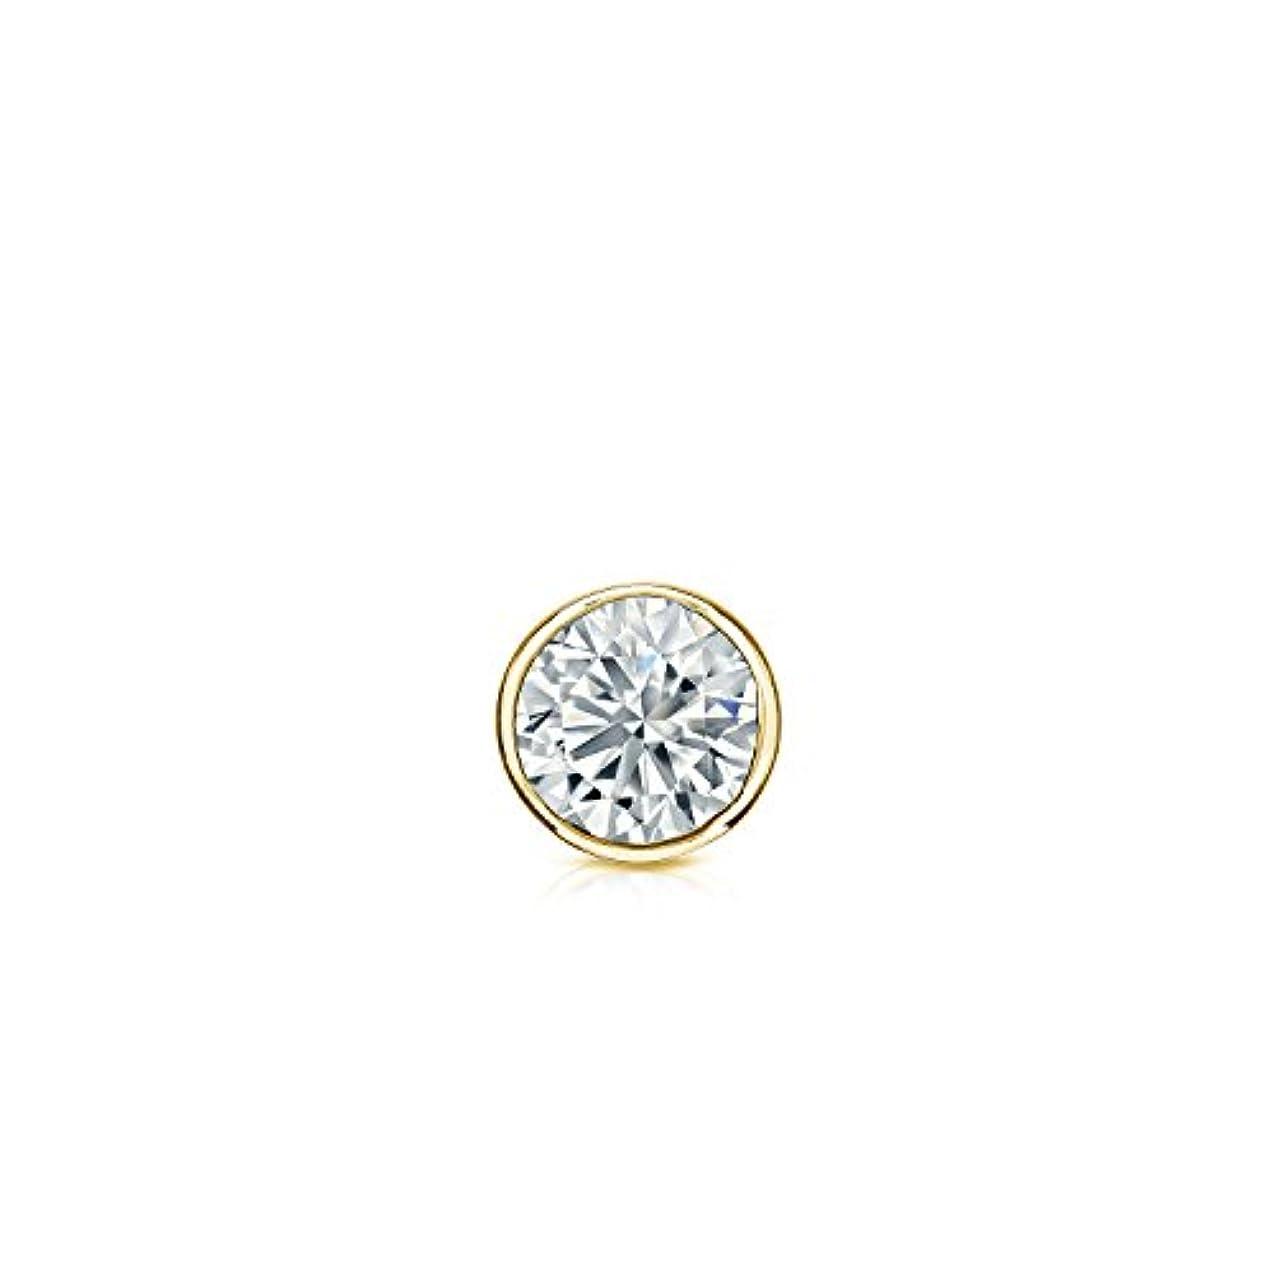 ラフ睡眠素子開発する18 Kゴールドbezel-setラウンドダイヤモンドシングルスタッドイヤリング( 0.08ct、Good、i1 - i2 ) screw-back